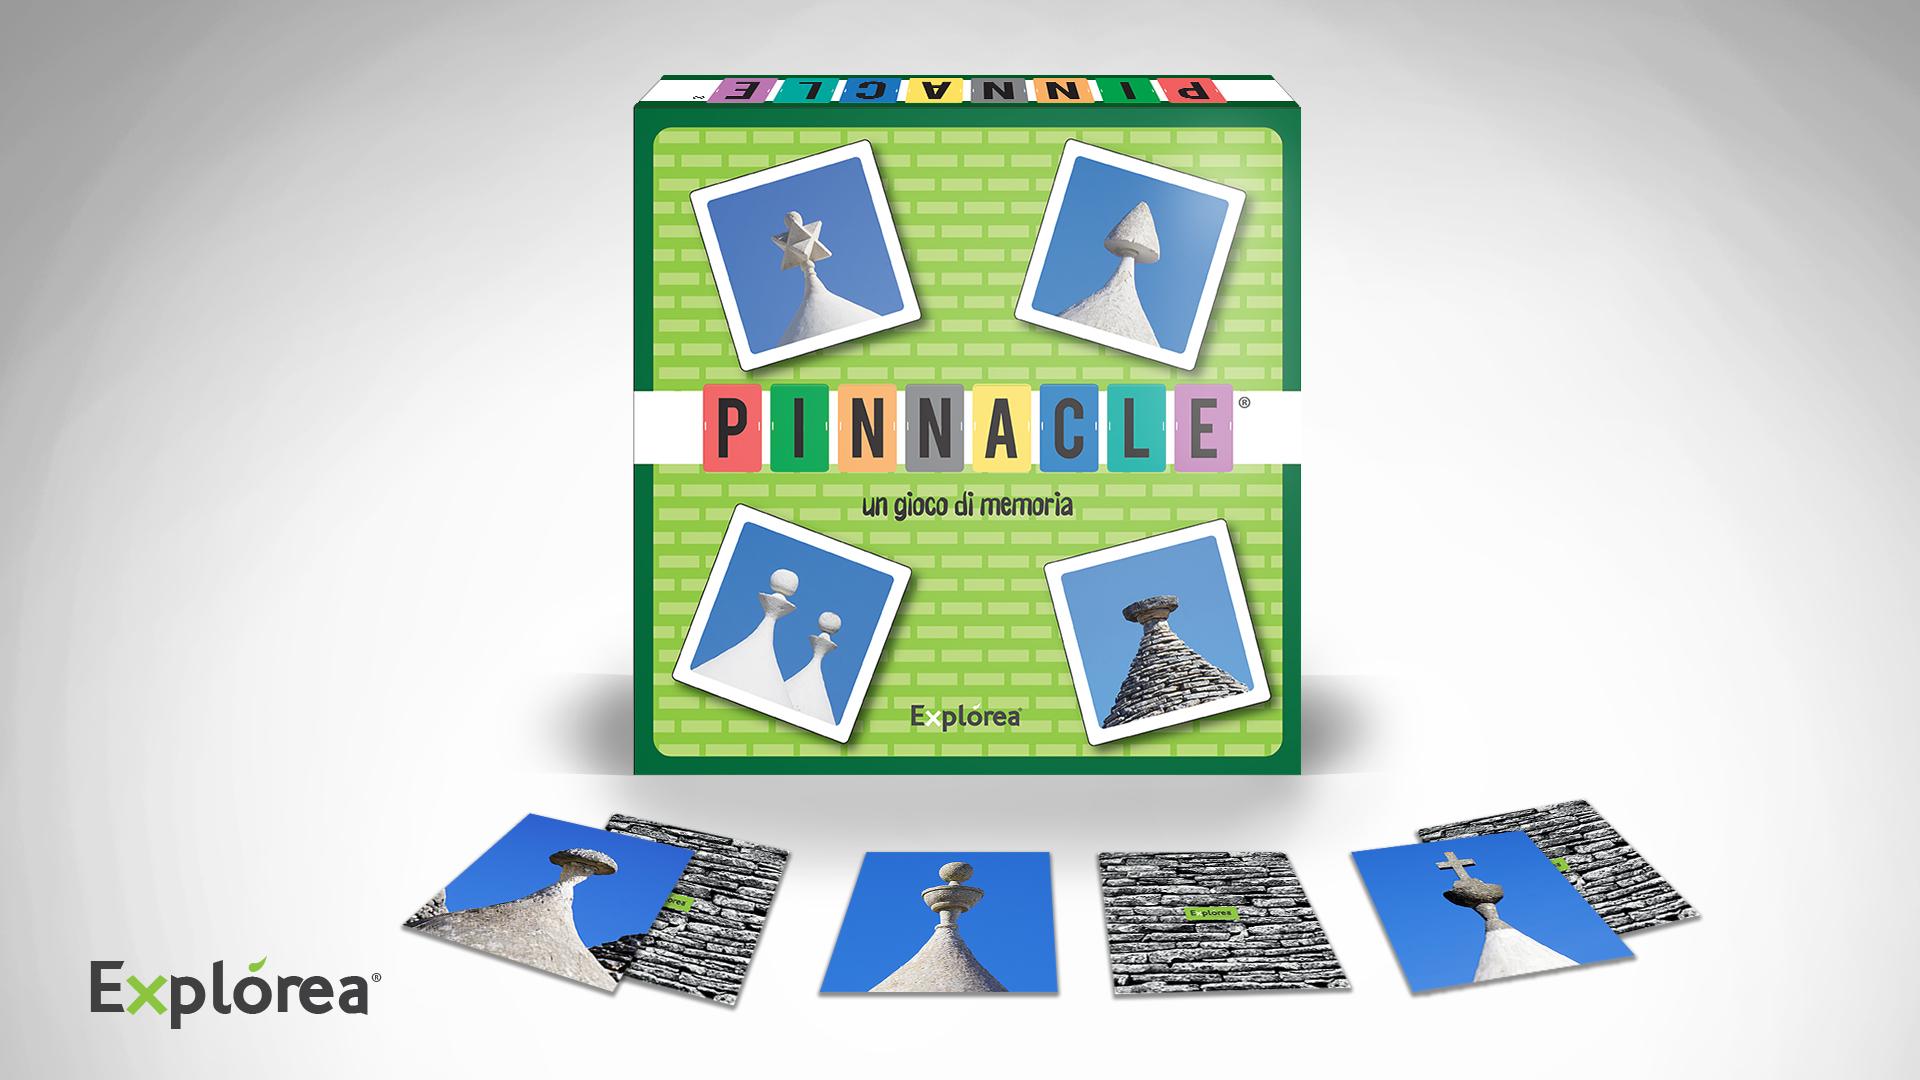 PINNACLE – Un gioco di memoria